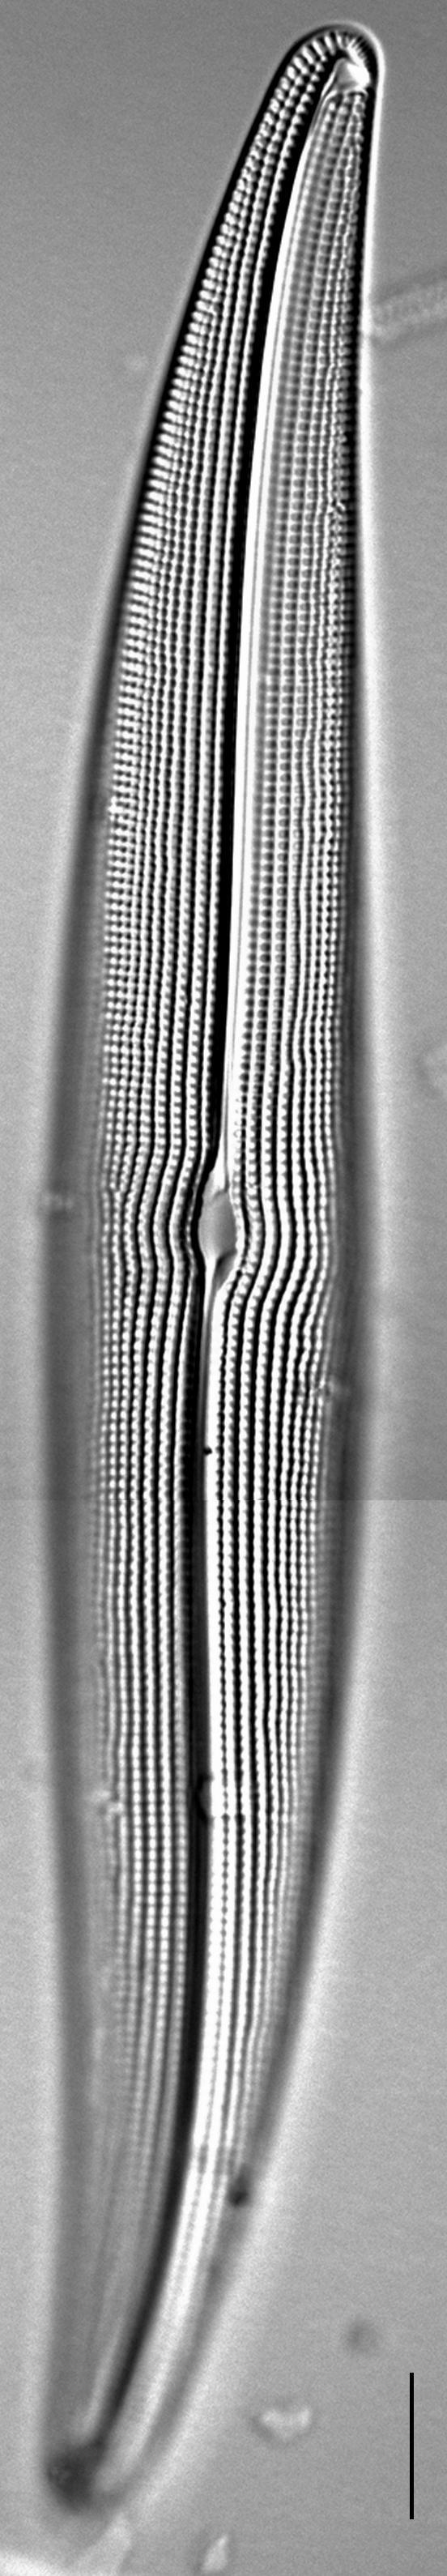 Gyrosigma attenuatum LM2